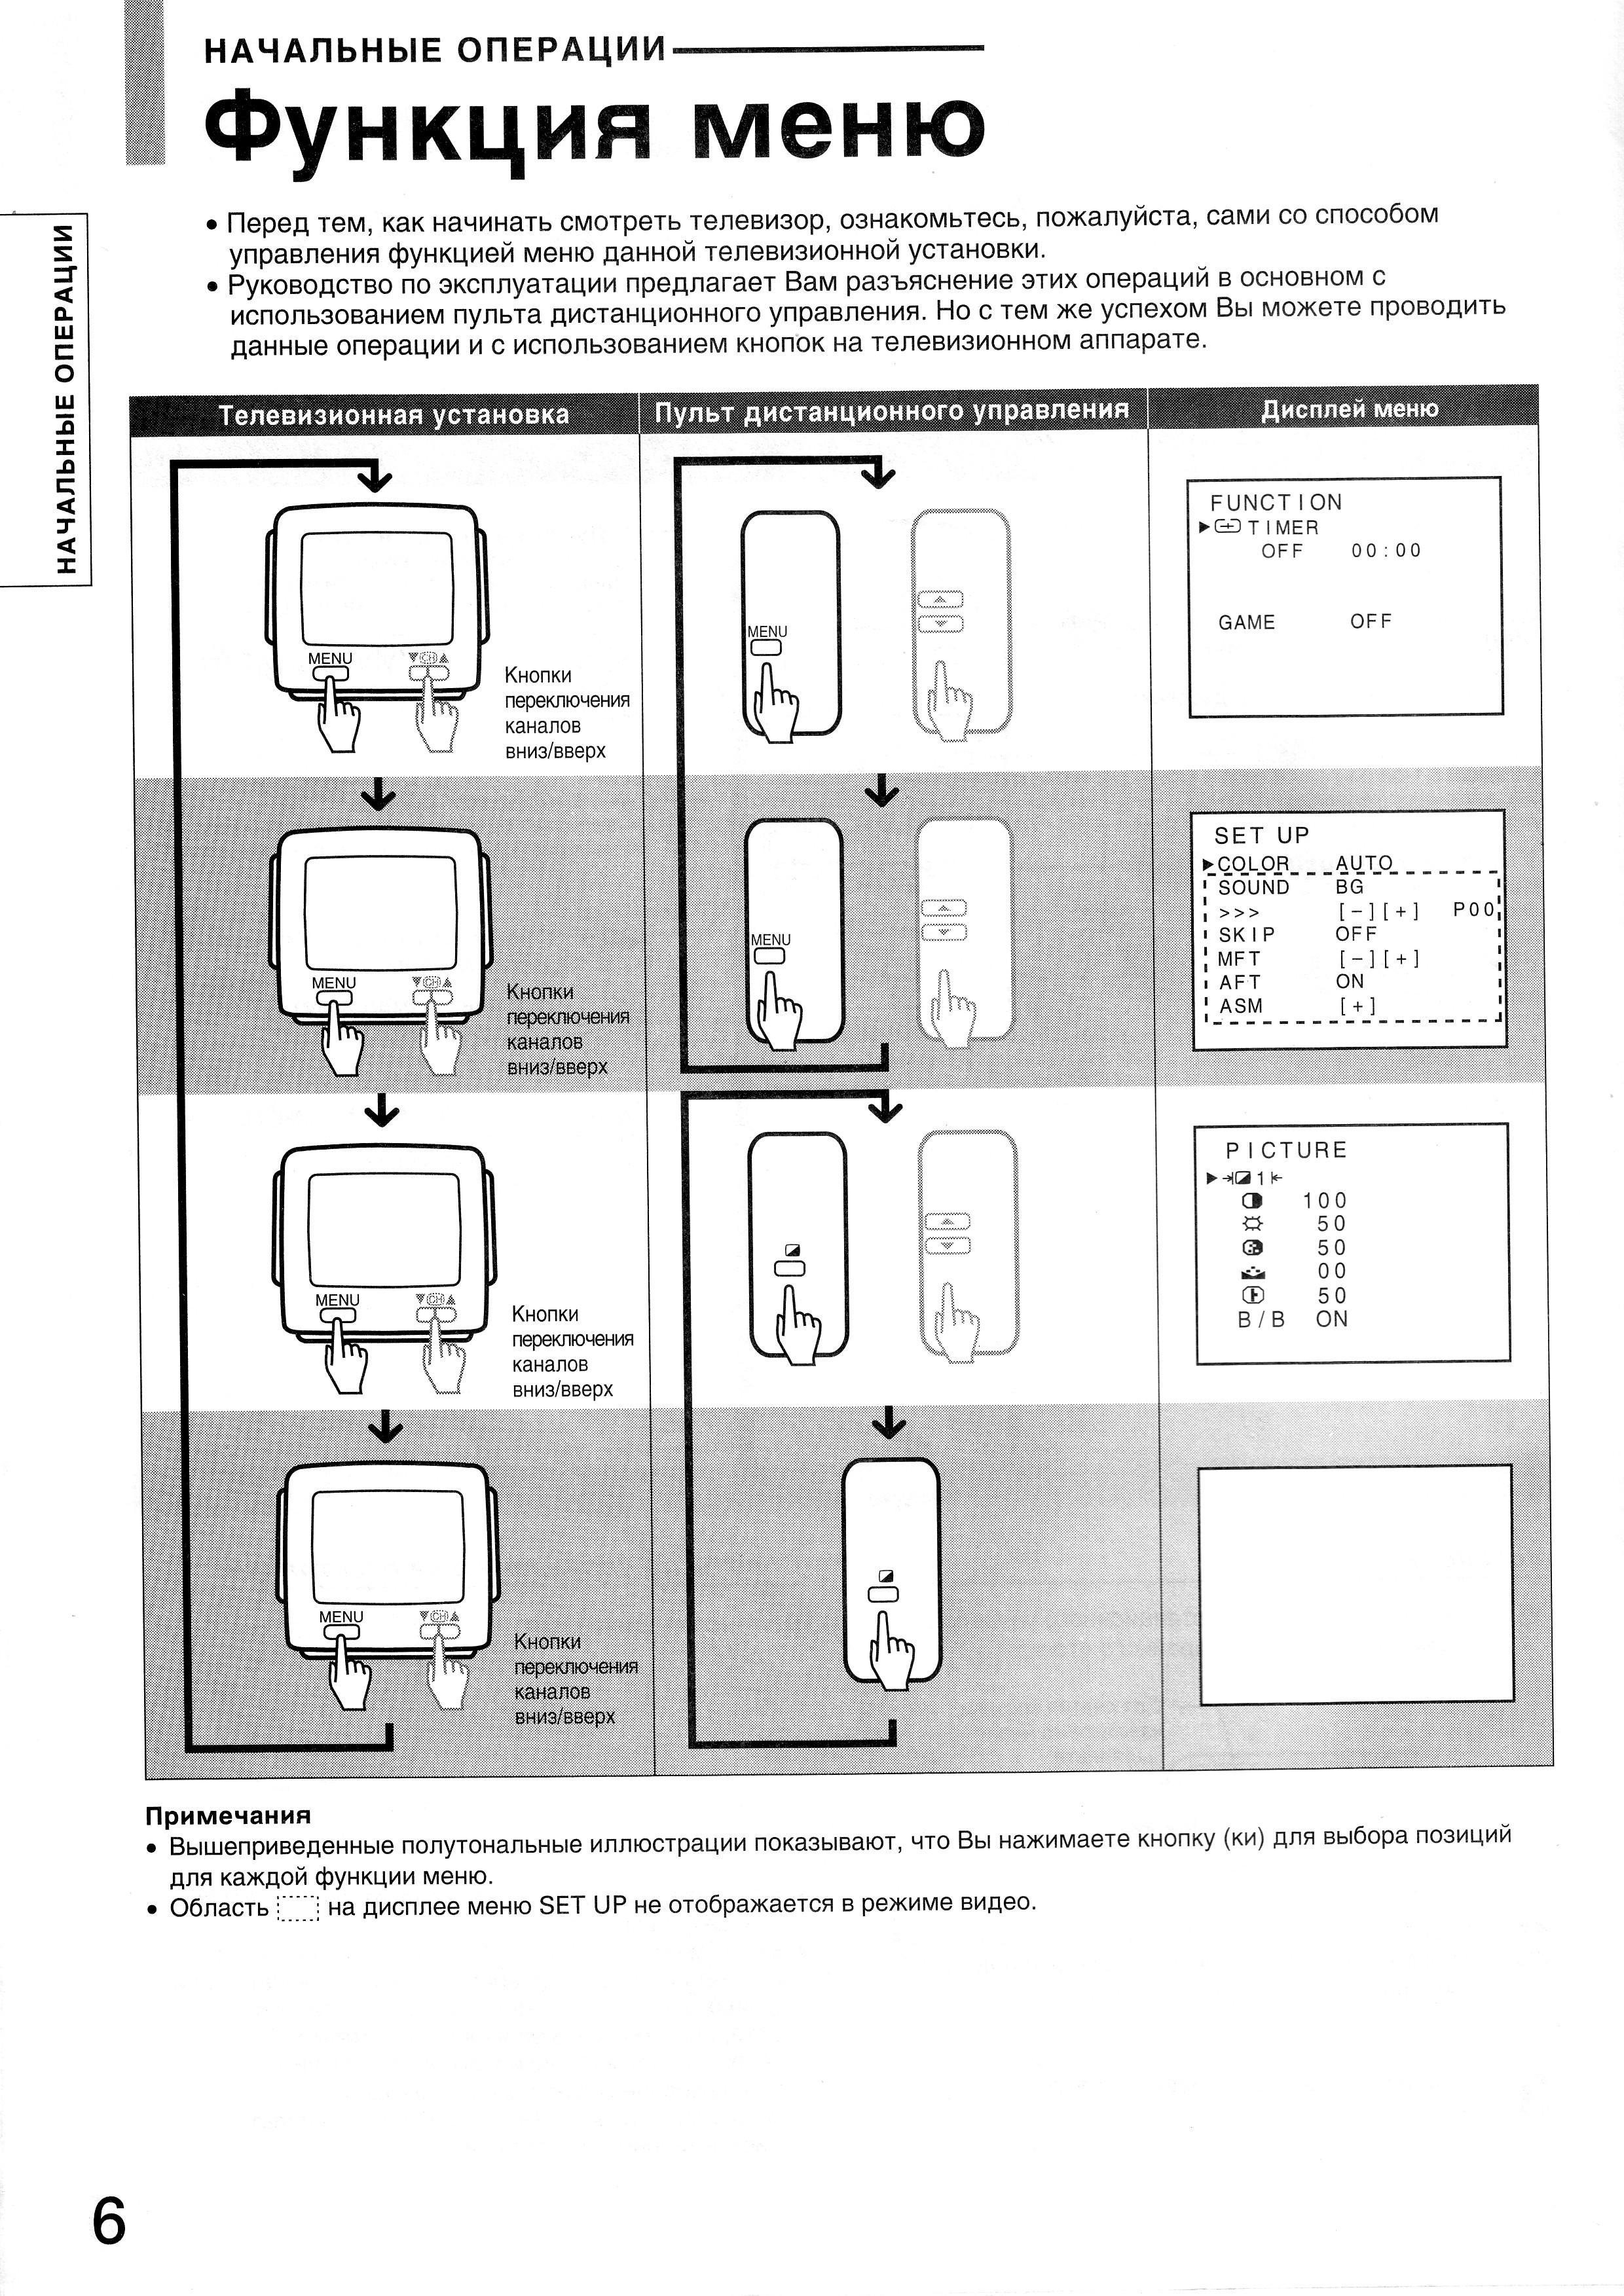 Схема телевизора toshiba 2140rs